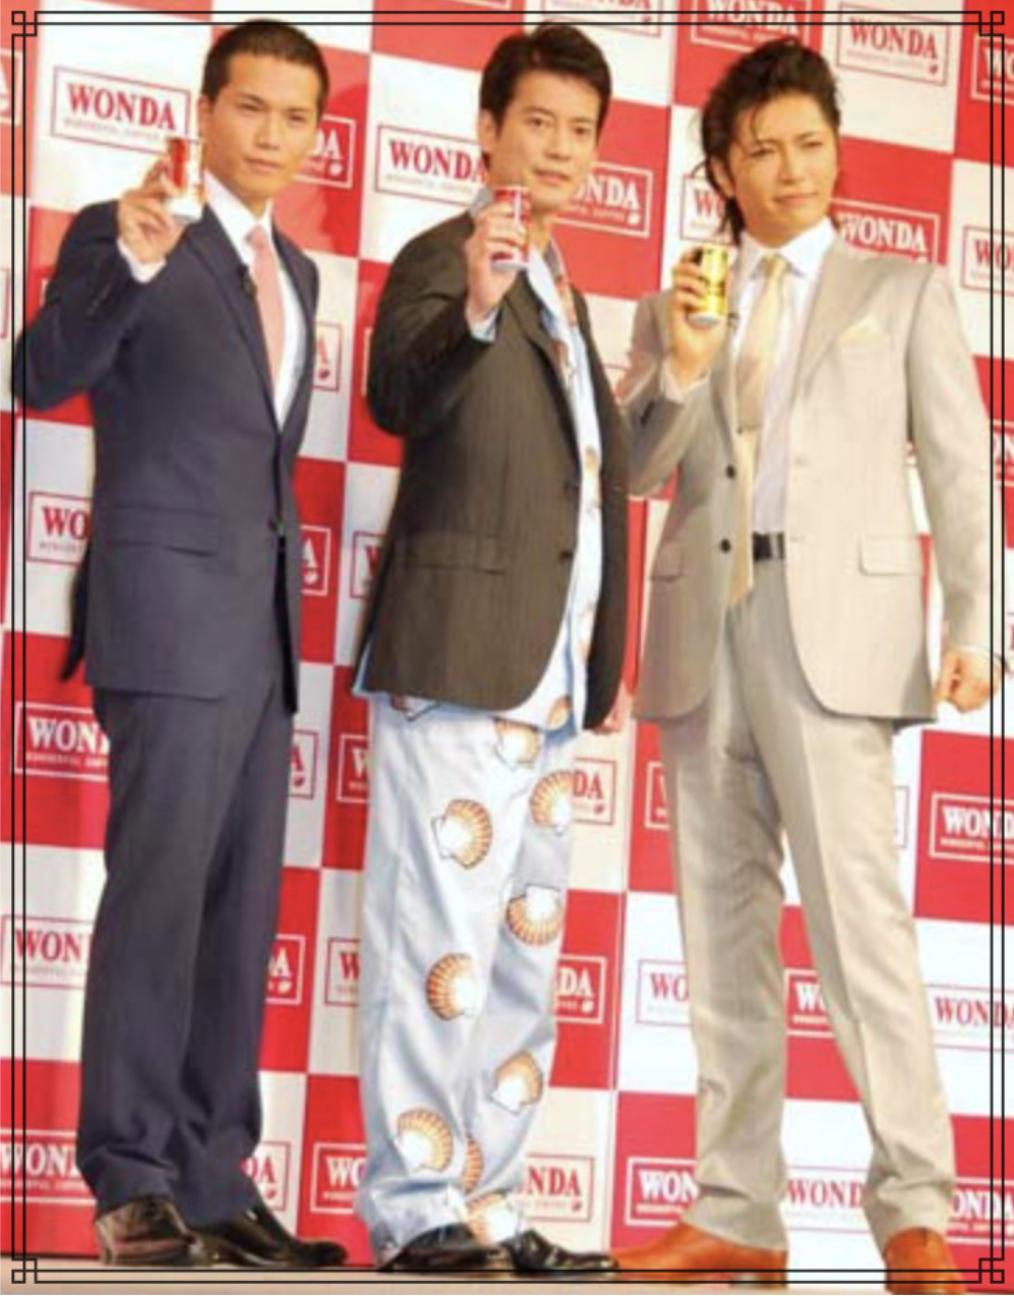 唐沢寿明さんと市原隼人さんとGACKTさんの画像